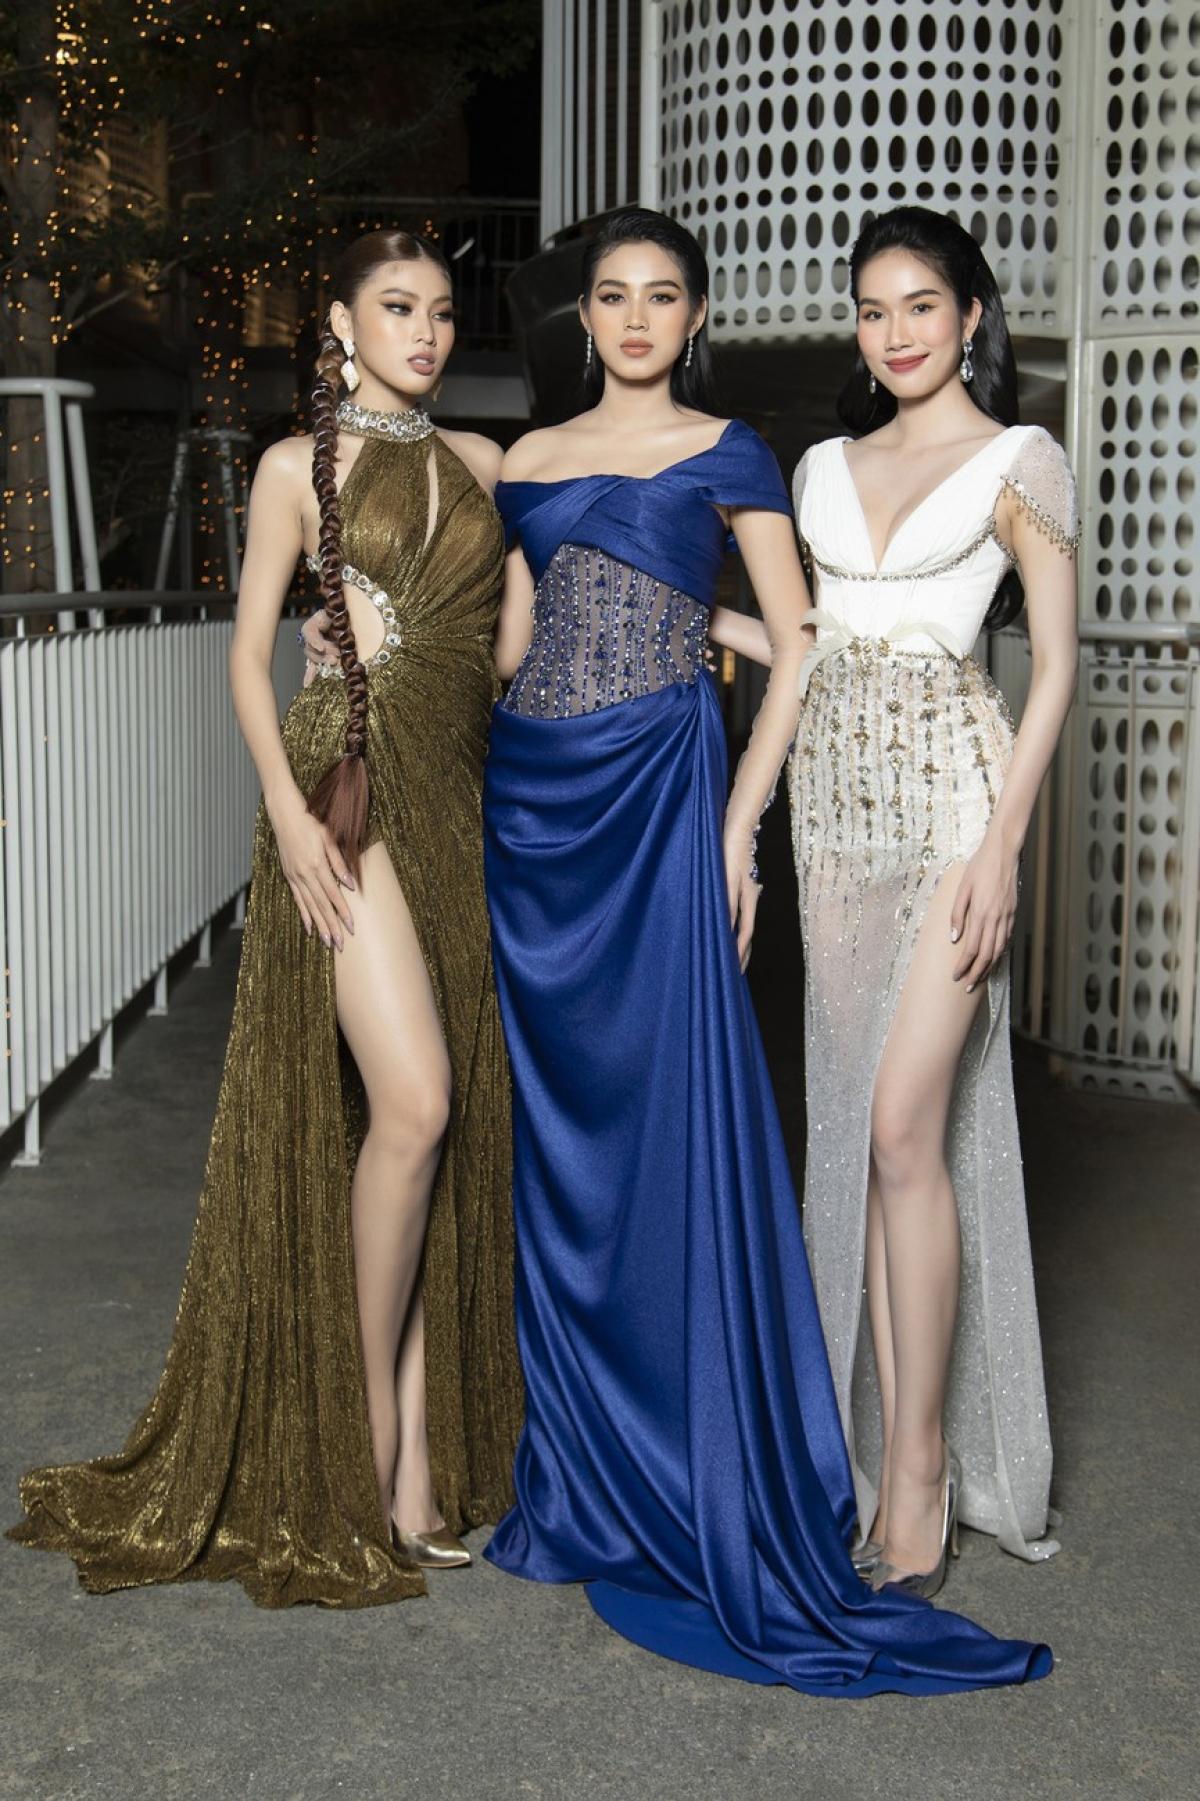 Tối 19/1, Top 3 Hoa hậu Việt Nam 2020 xuất hiện lộng lẫy và quyến rũ khi tham dự một lễ trao giải tại TP. HCM.